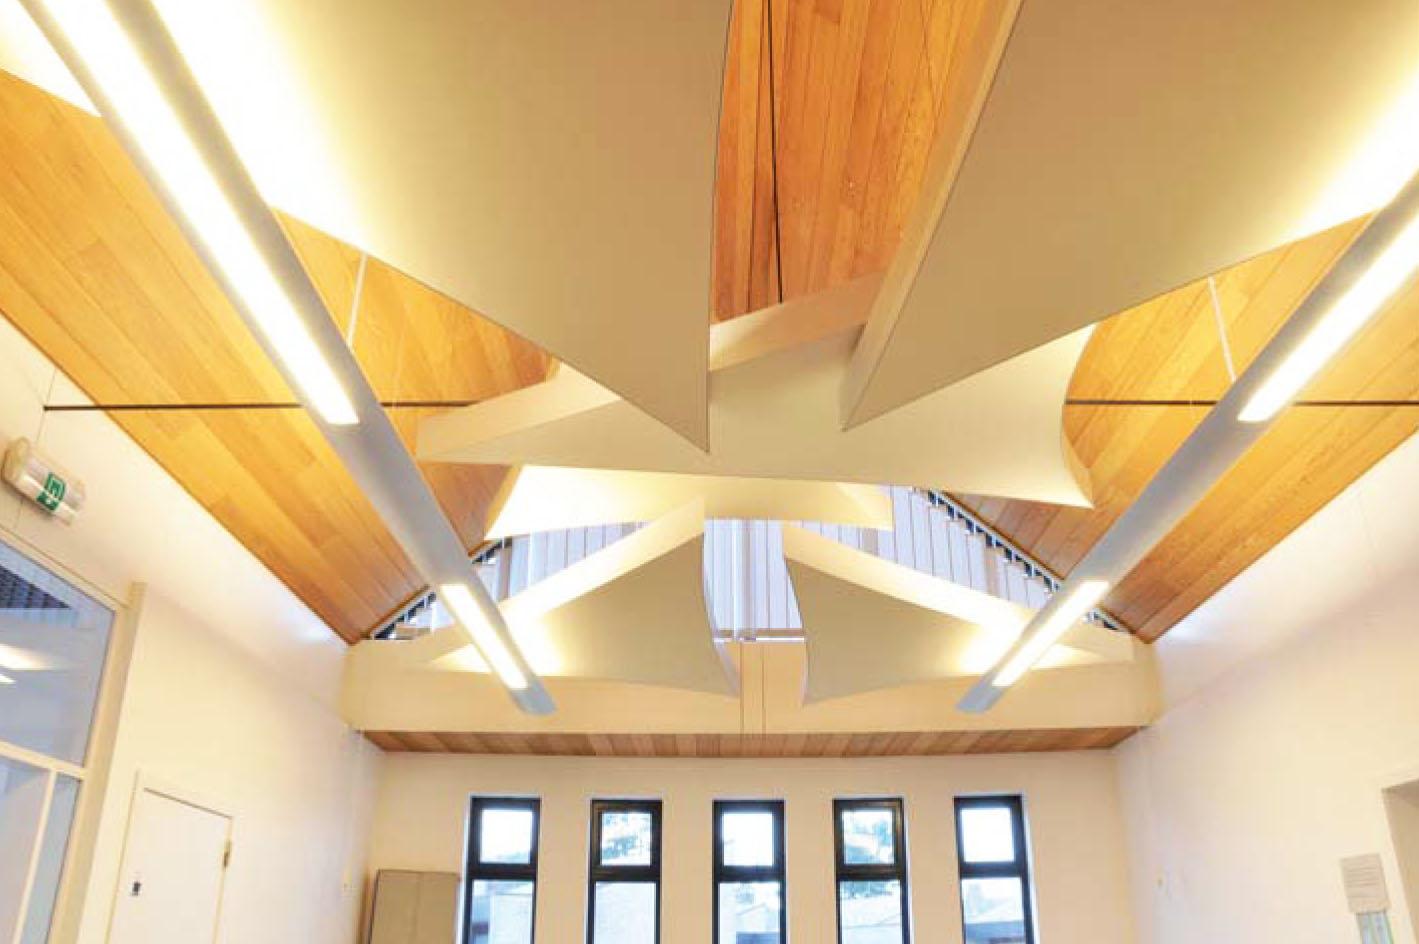 Tapisserie fibre de verre plafond devis des travaux for Pose fibre de verre plafond video